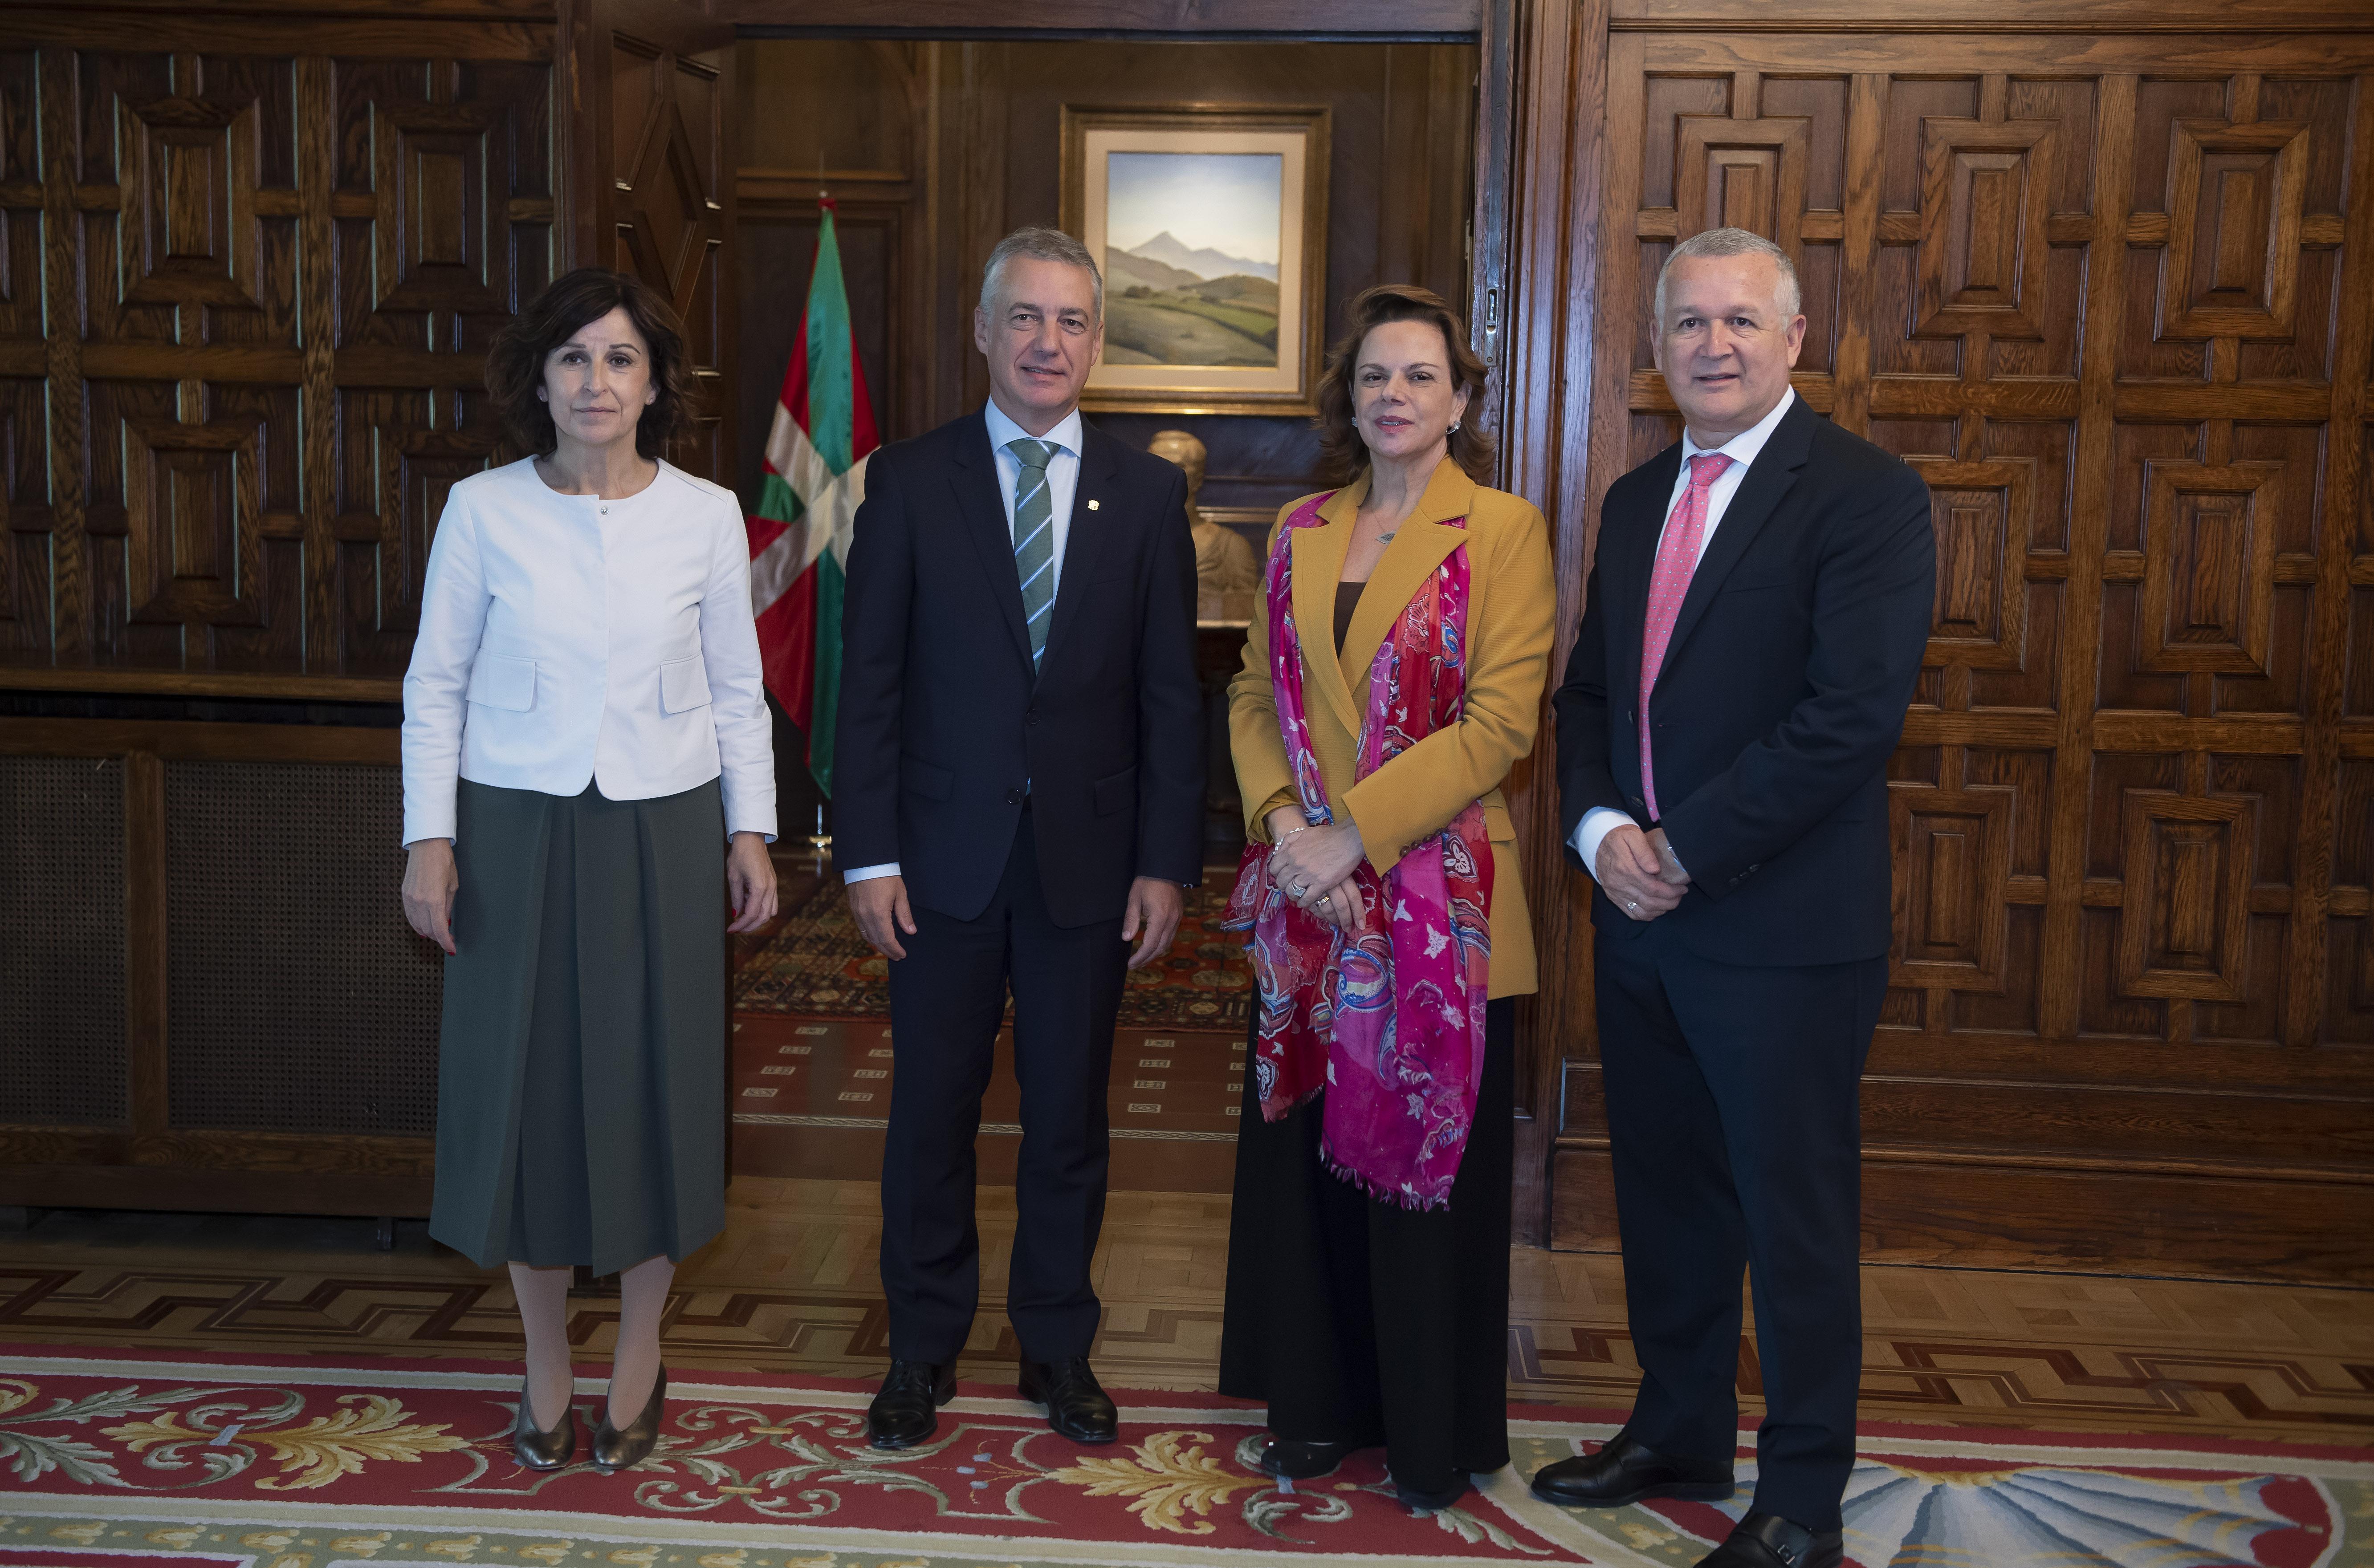 Lehendakariak Costa Ricako enbaxadorea hartu du